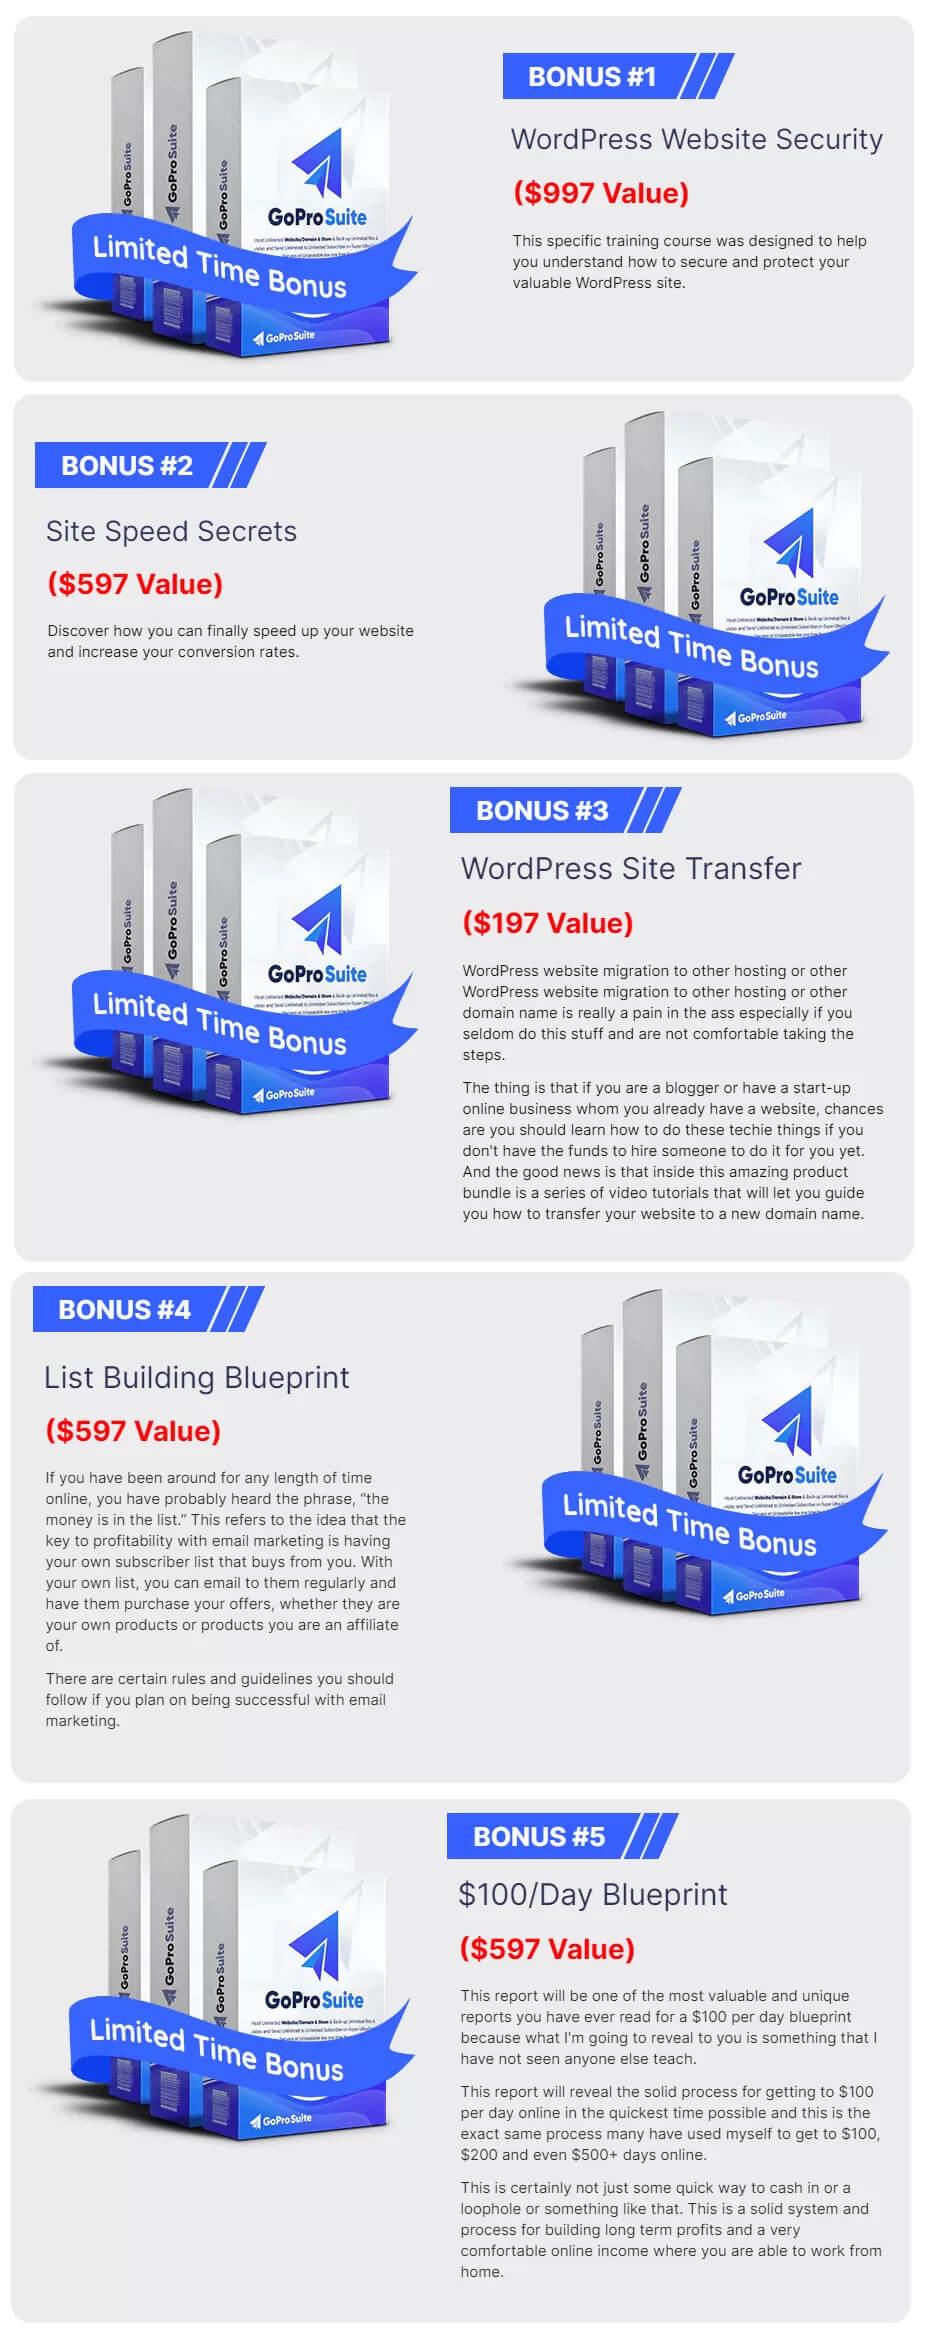 GoProSuite-bonus